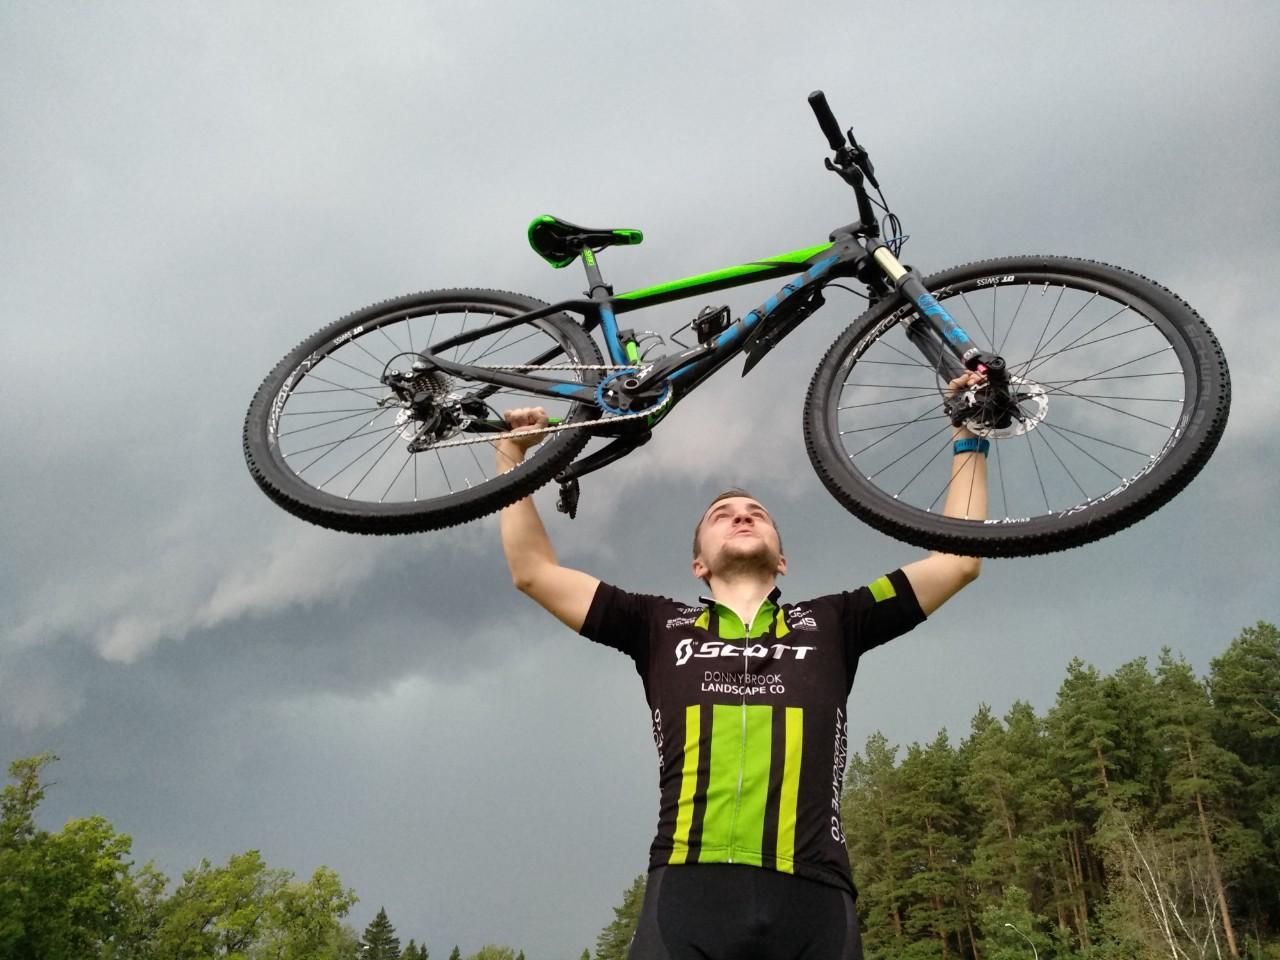 Федор Андронов - тренер по велоспорту, беговым лыжам, бегу, ОФП, скандинавской ходьбе